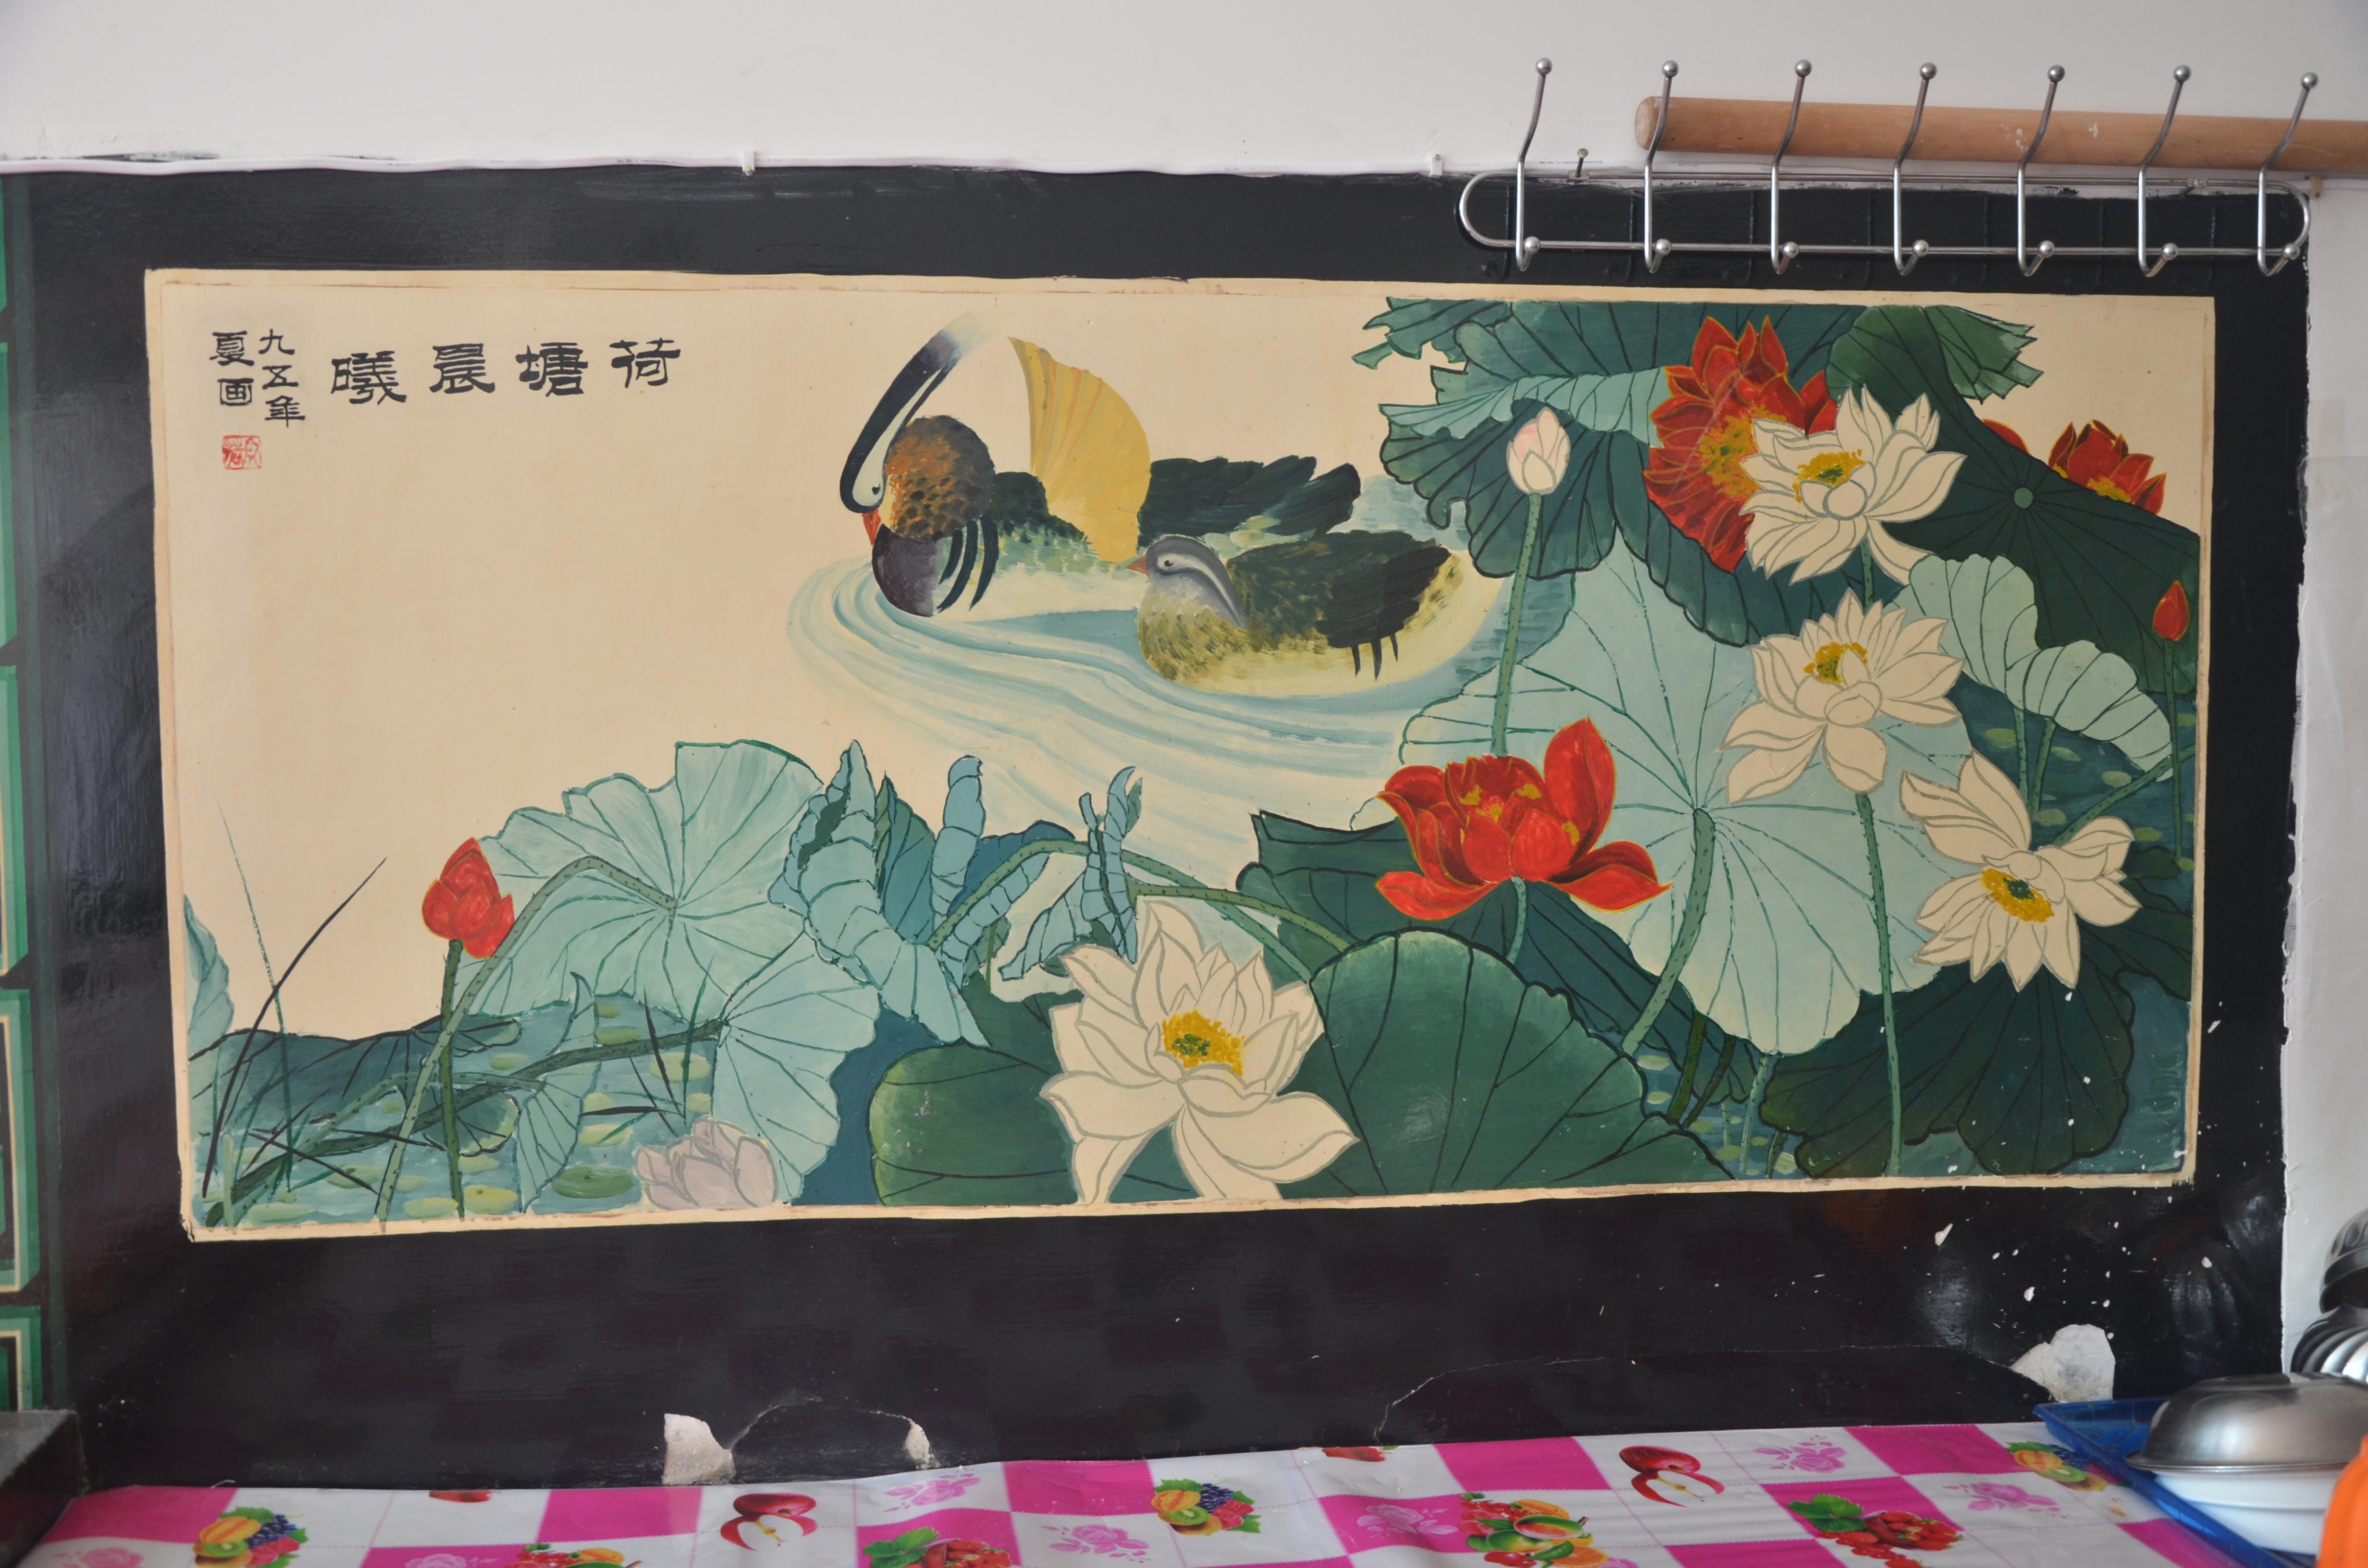 传承漆器工艺,72岁的他守护着即将消失的老手艺丨陕北工匠精神